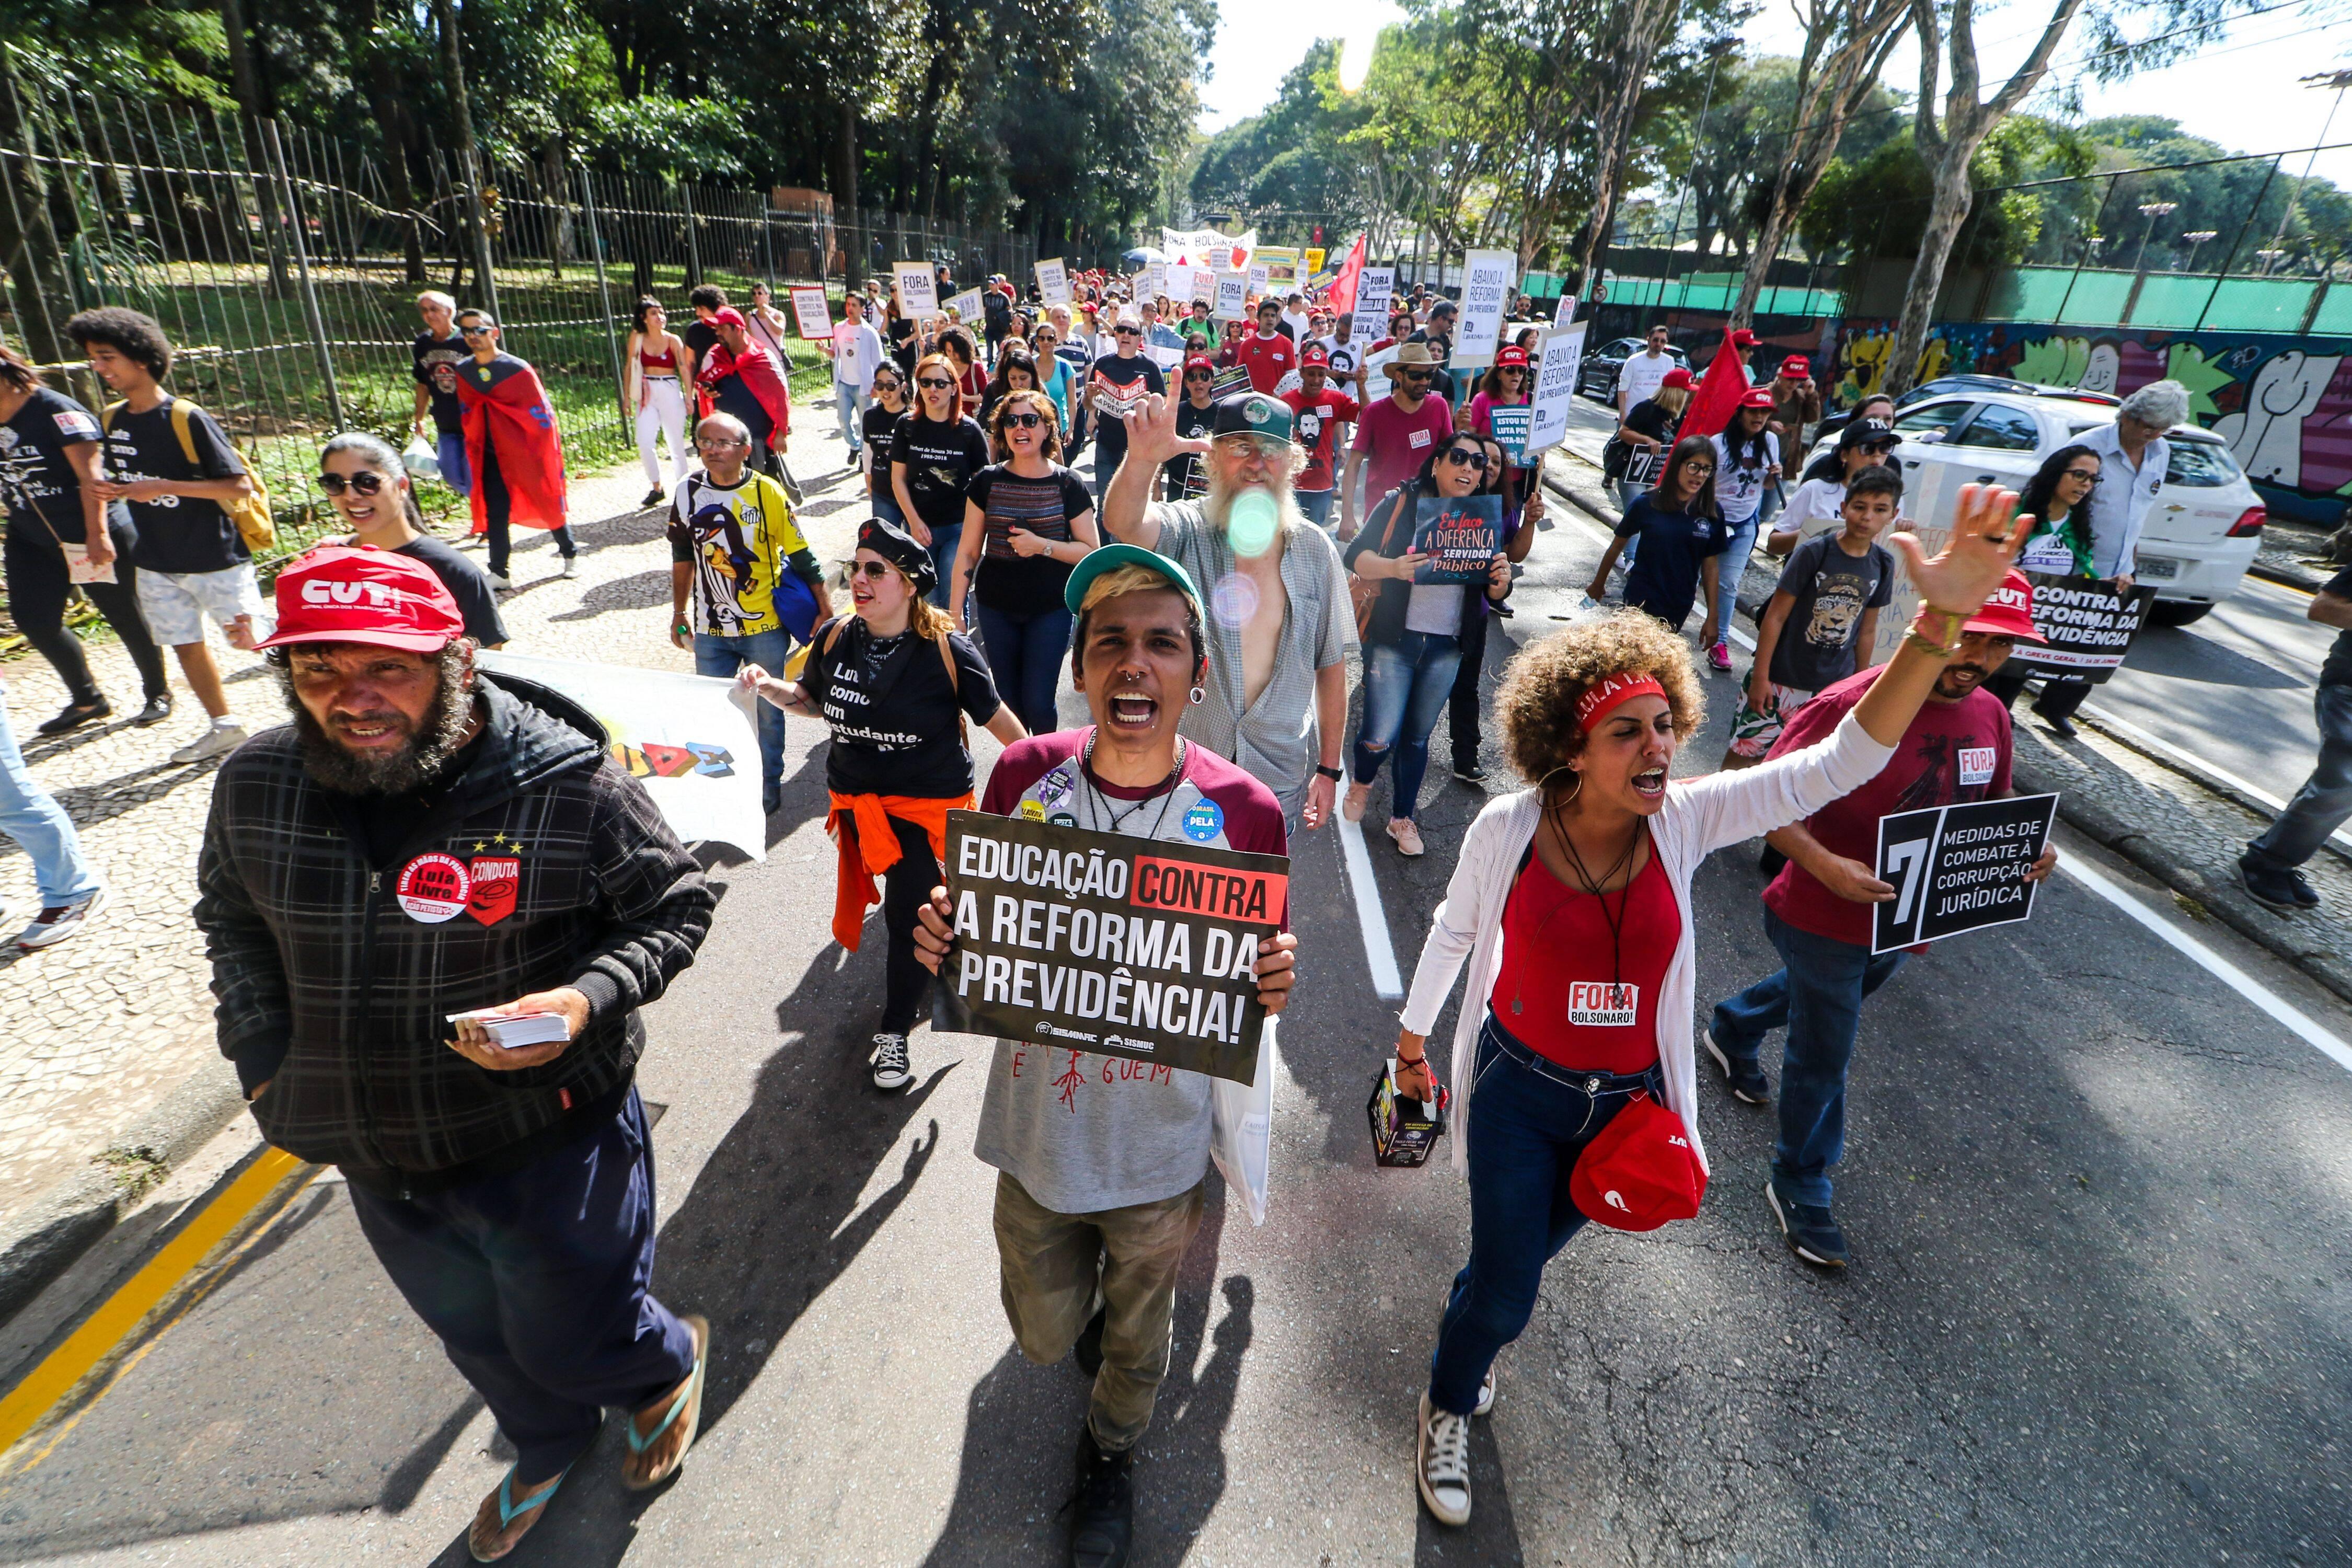 Com paralisação em ônibus e bancos, curitibanos se manifestam contra reforma da Previdência. Foto: Theo Marques/Agência O Globo